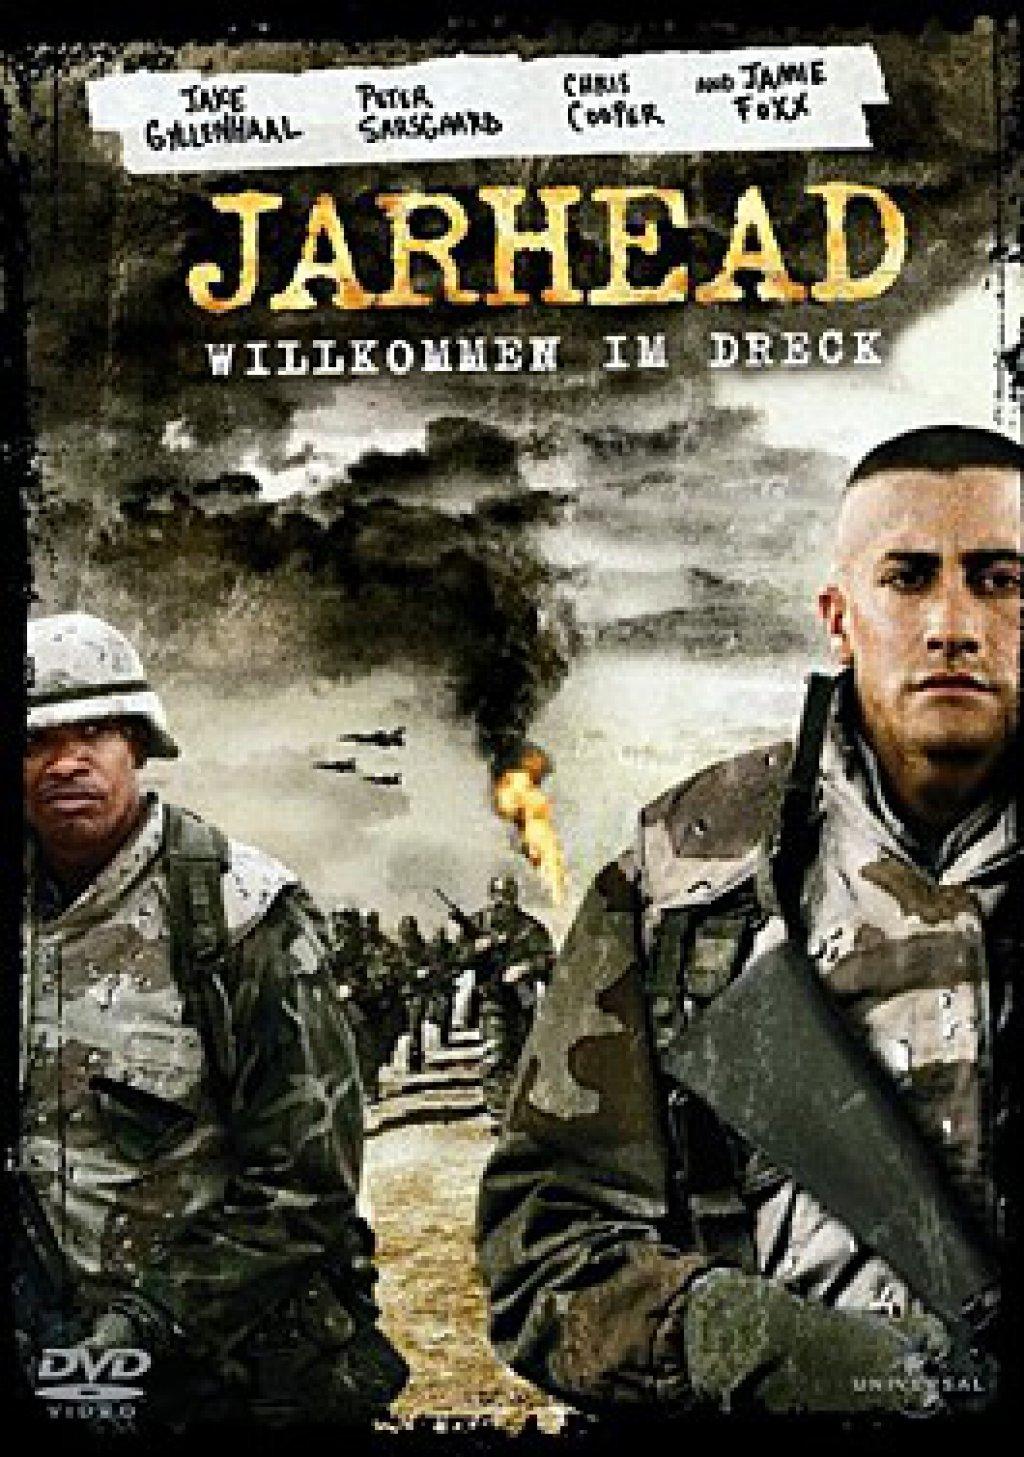 Jarhead - Willkommen im Dreck (DVD)